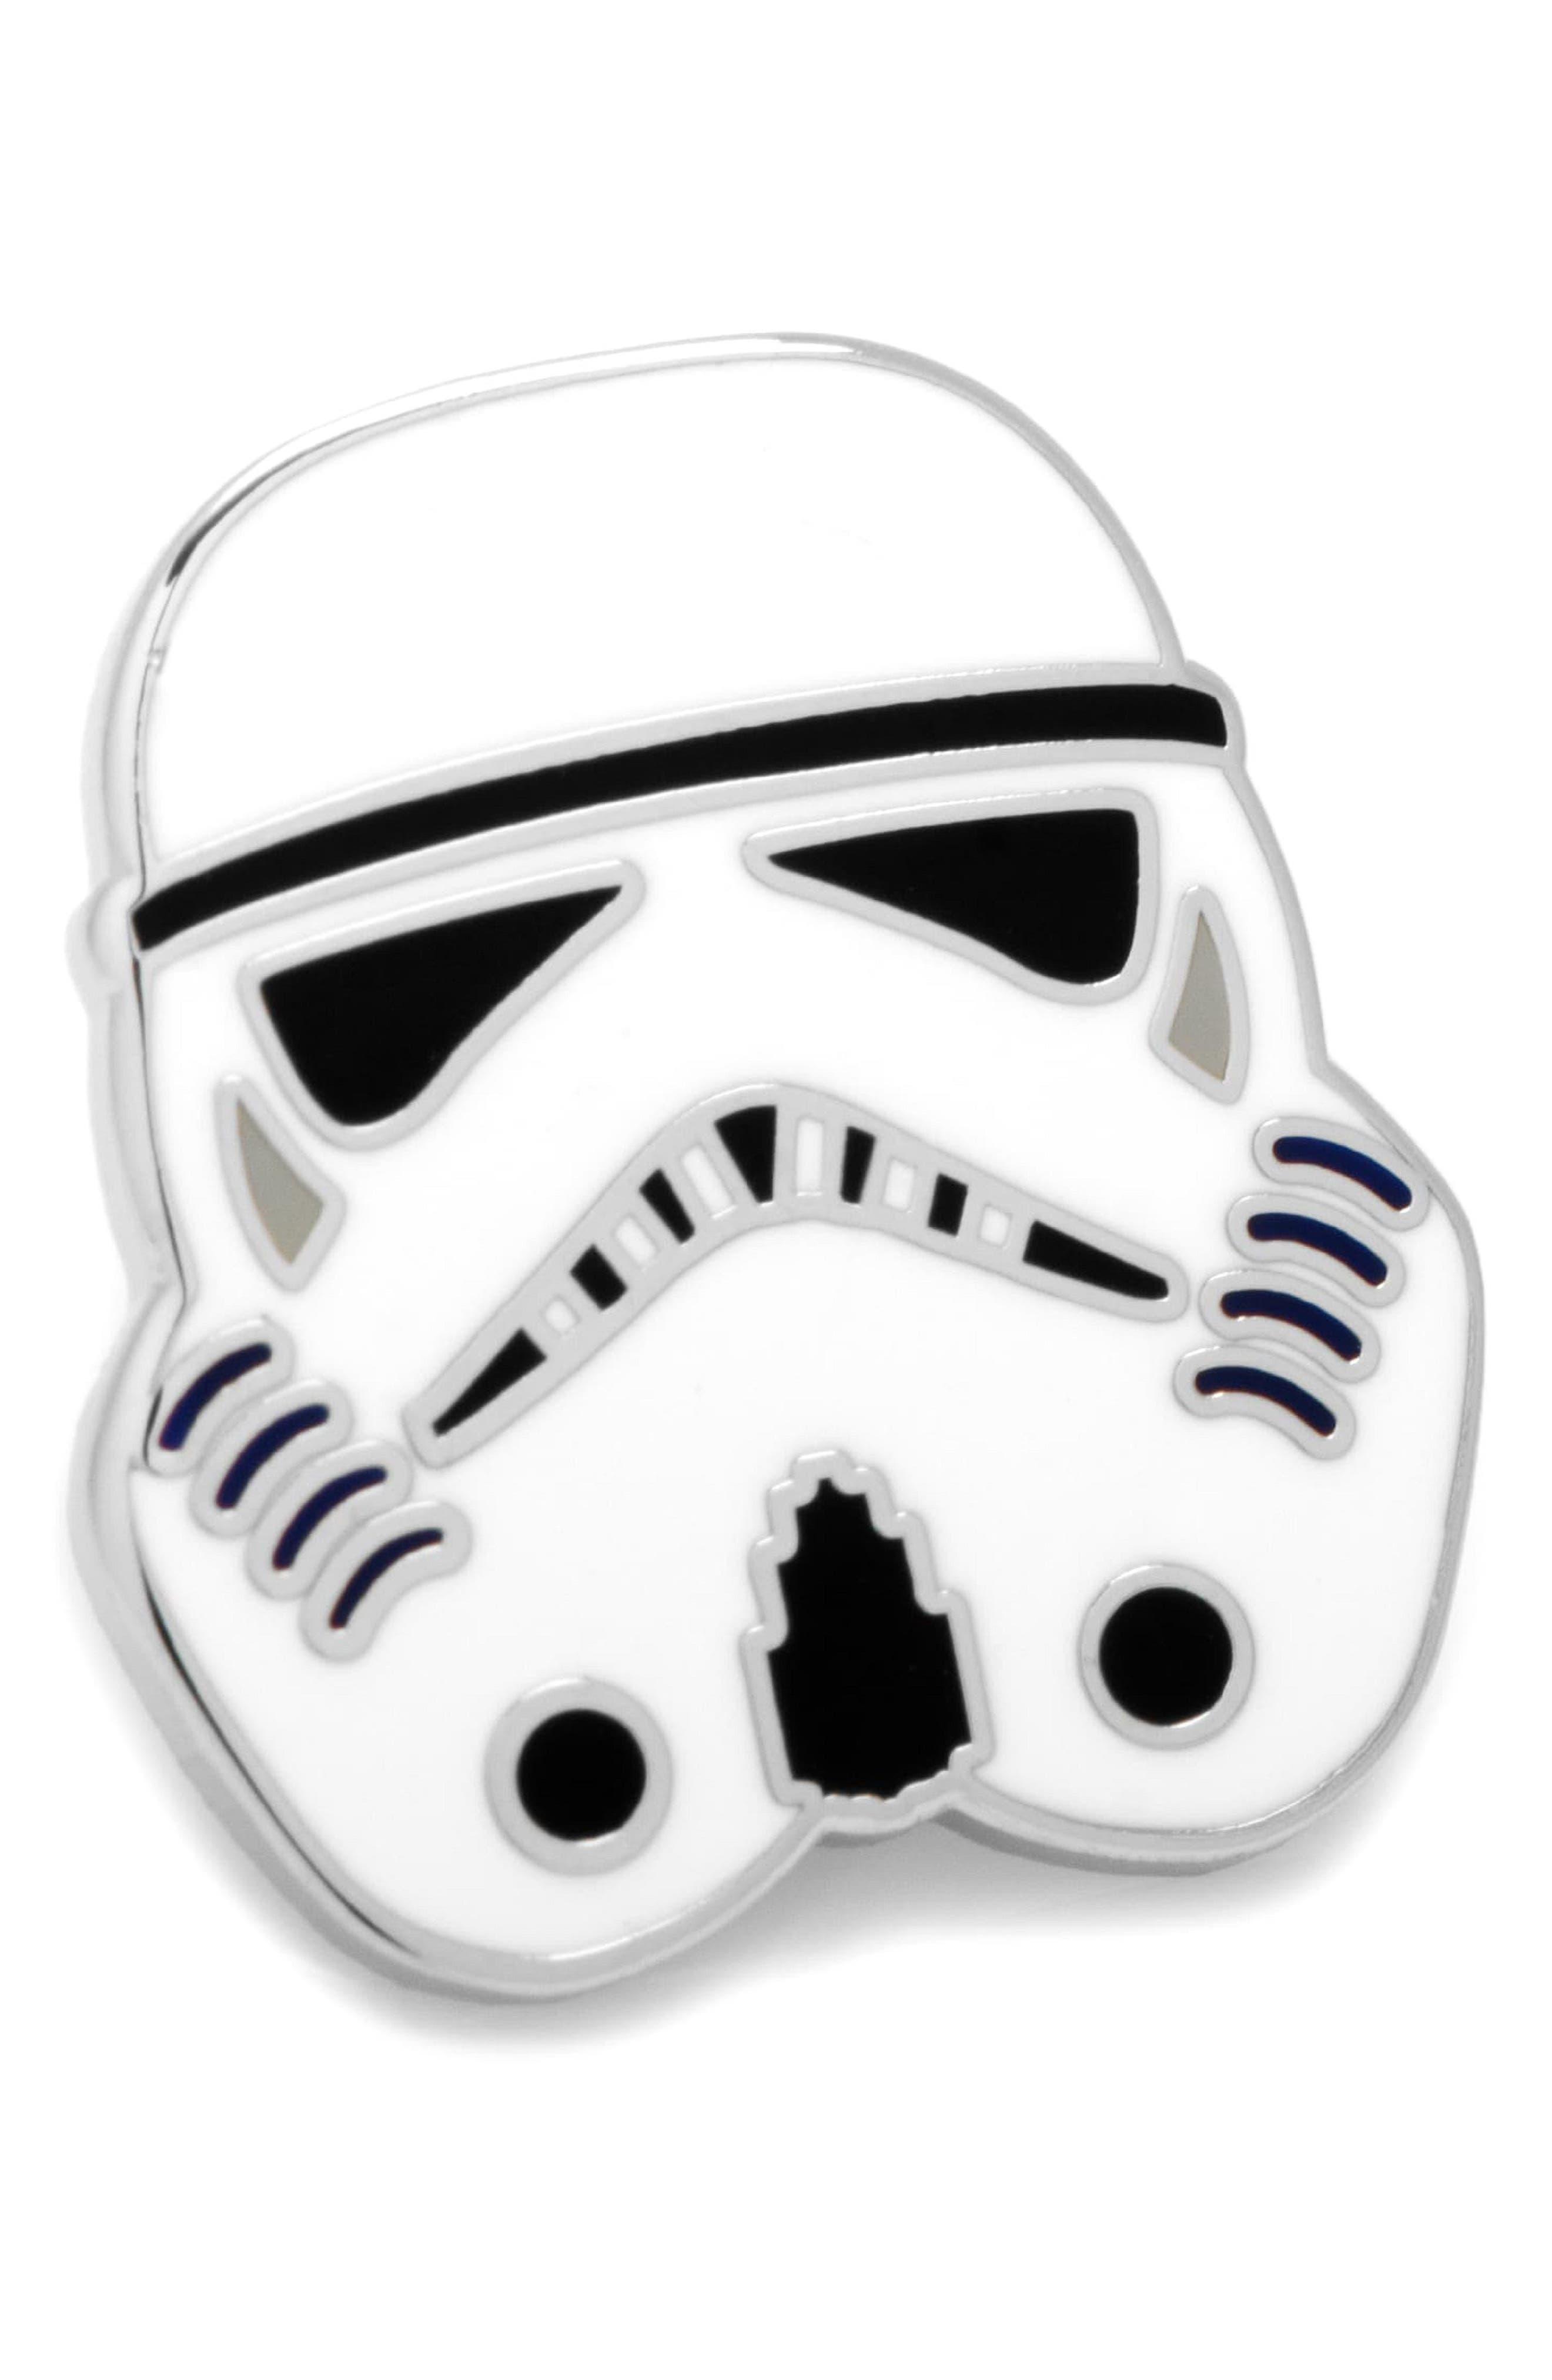 Cufflinks, Inc. Star Wars™ - Stormtrooper Lapel Pin